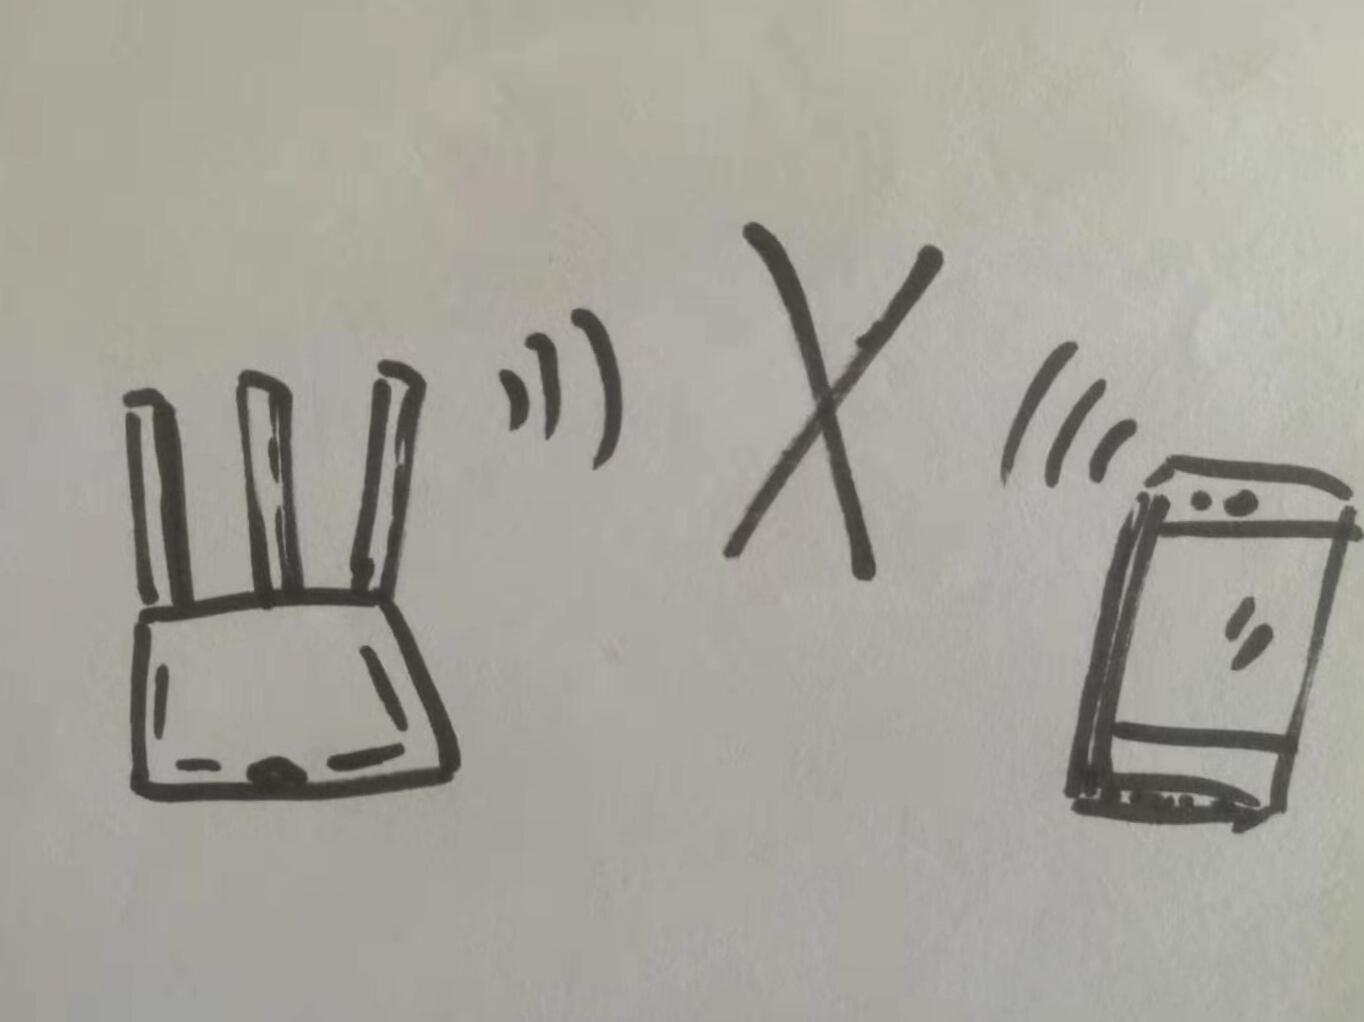 部分APP用不了无线网络WIFI问题的解决方法